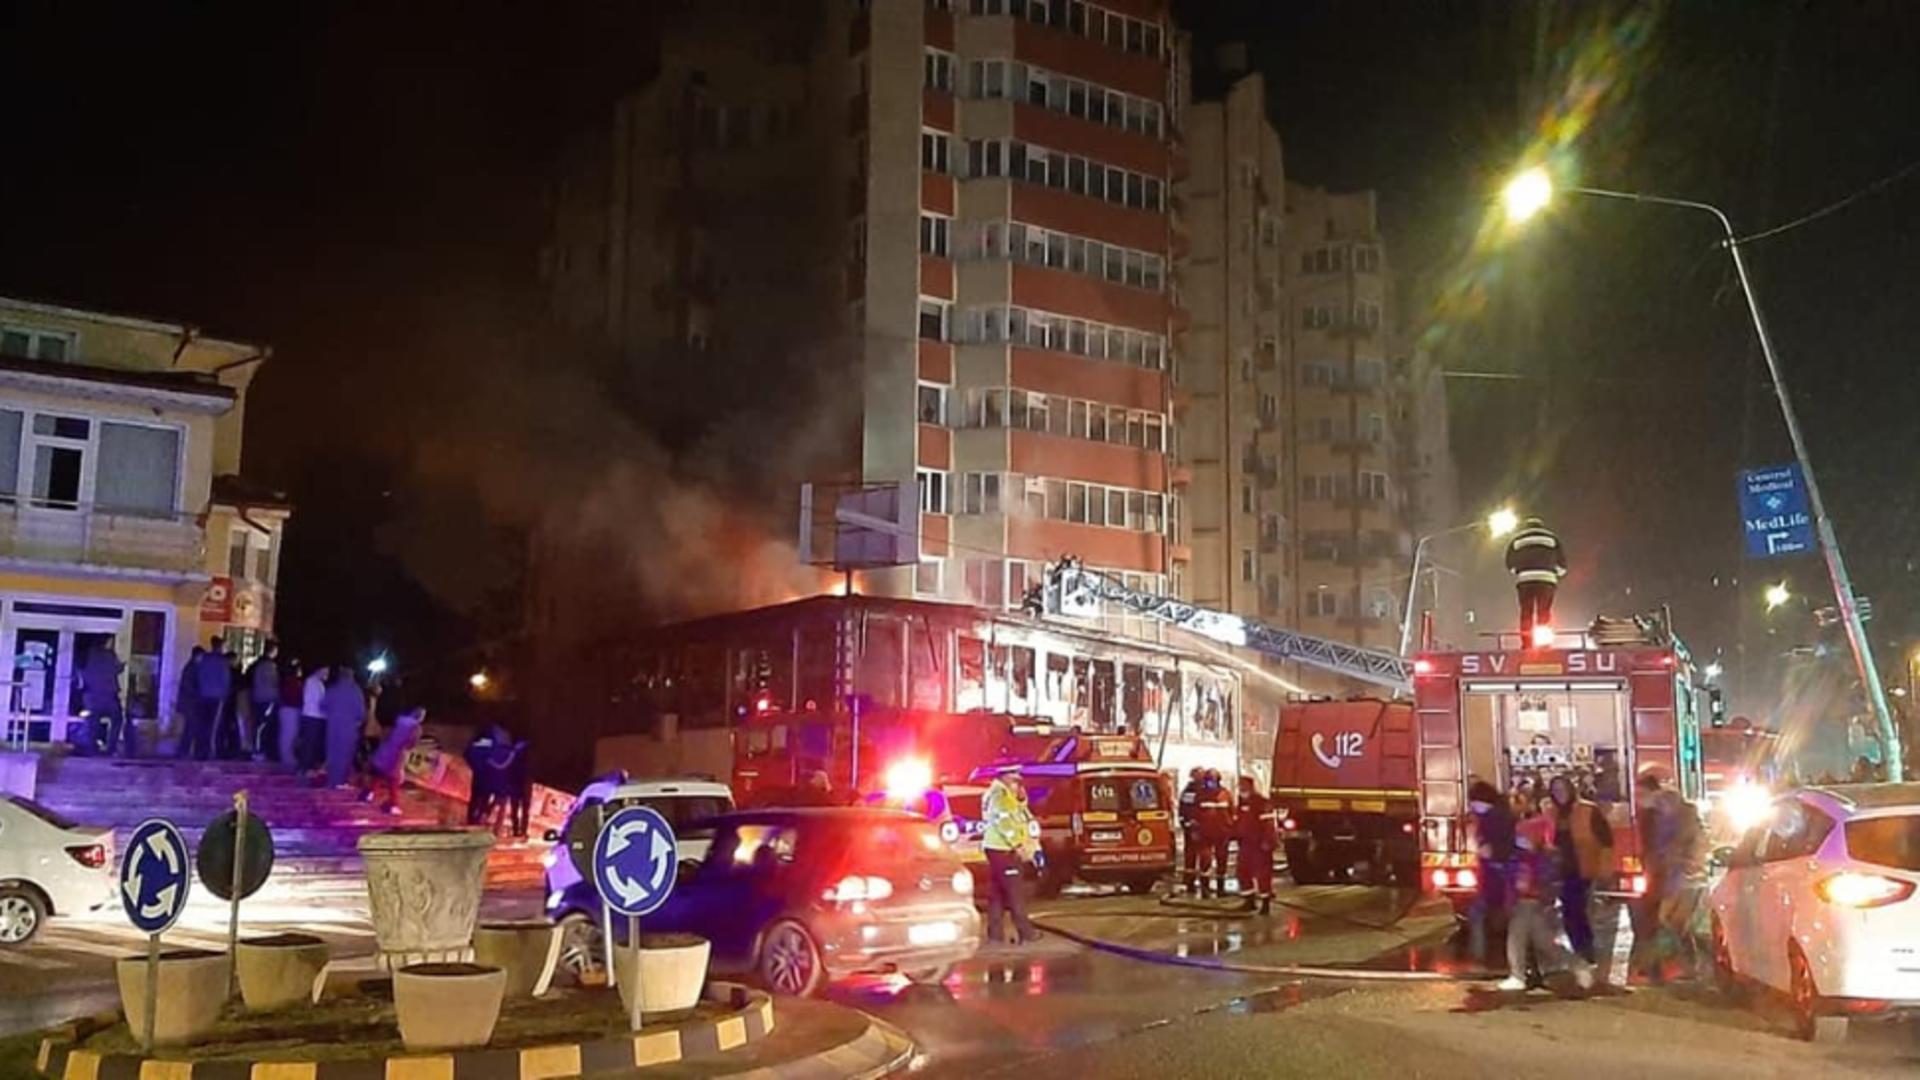 Un incendiu a cuprins, vineri seara, un magazin din Petroşani, aflat la doar câţiva metri de un bloc de locuinţe